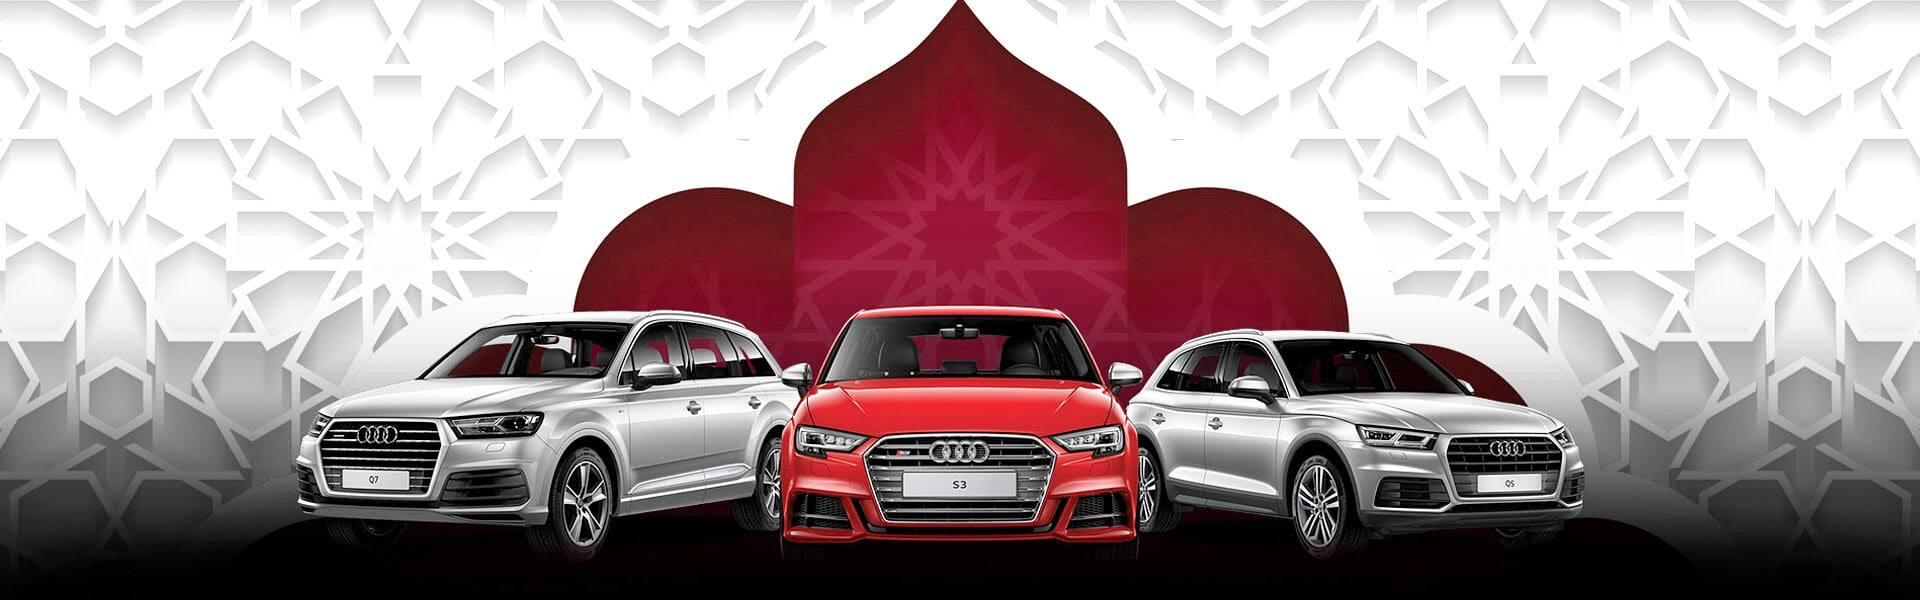 Audi Qatar